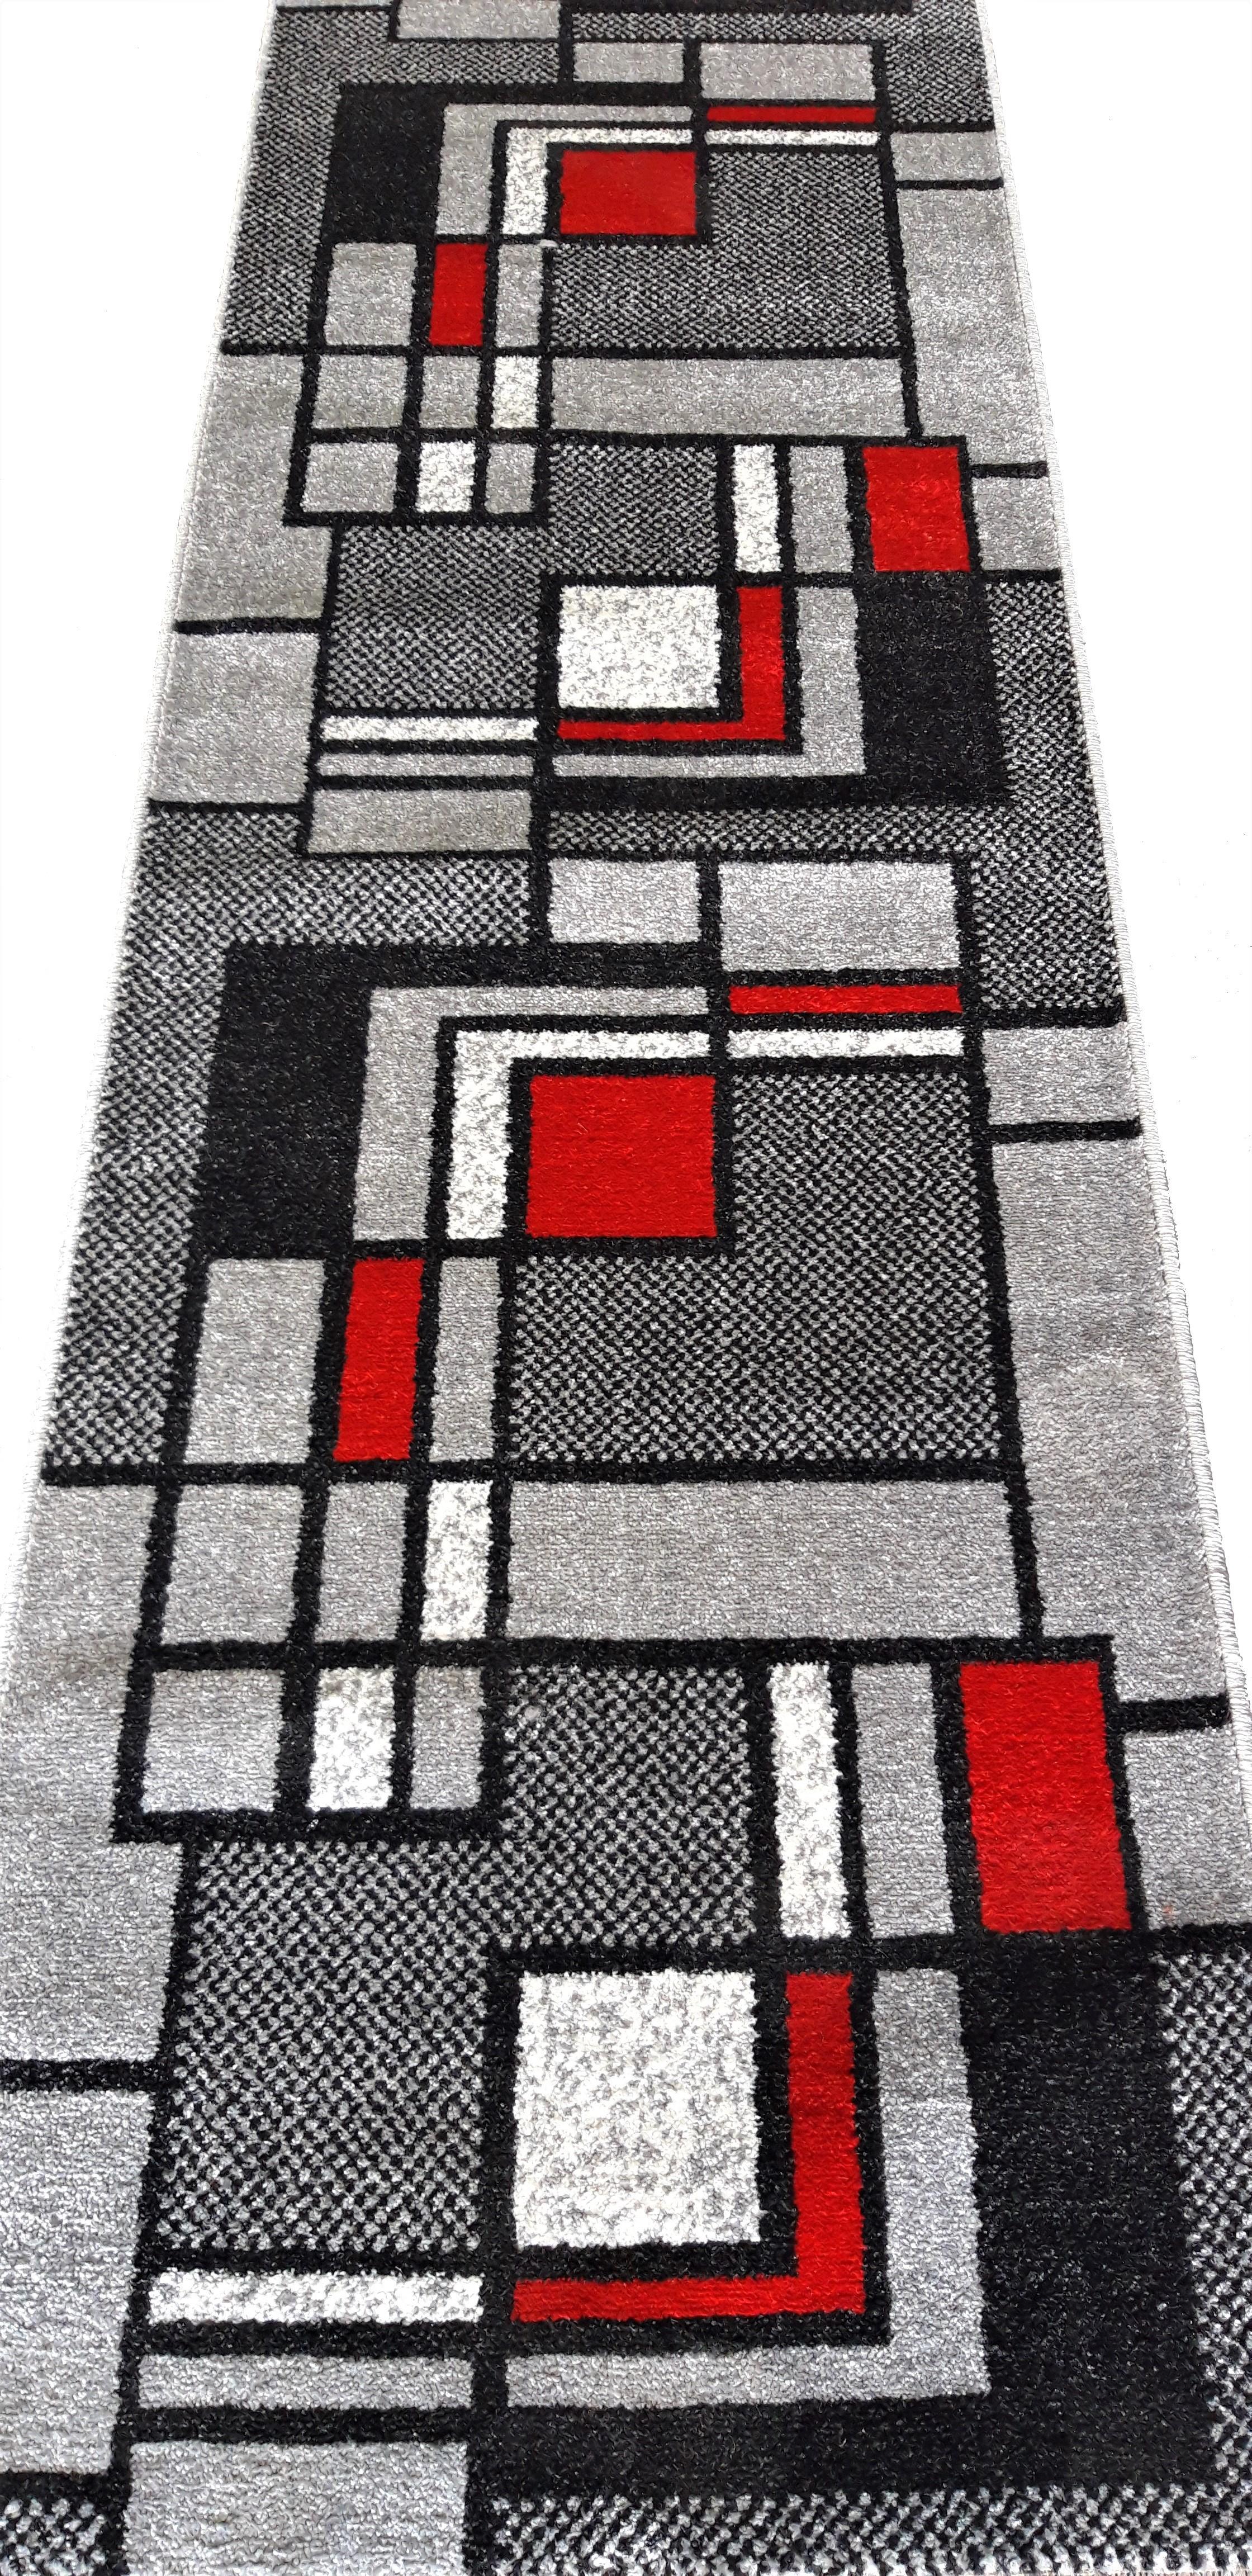 Traversa Covor, Cappuccino 16406, Multicolor, 80x600 cm, 1700 gr/mp 1